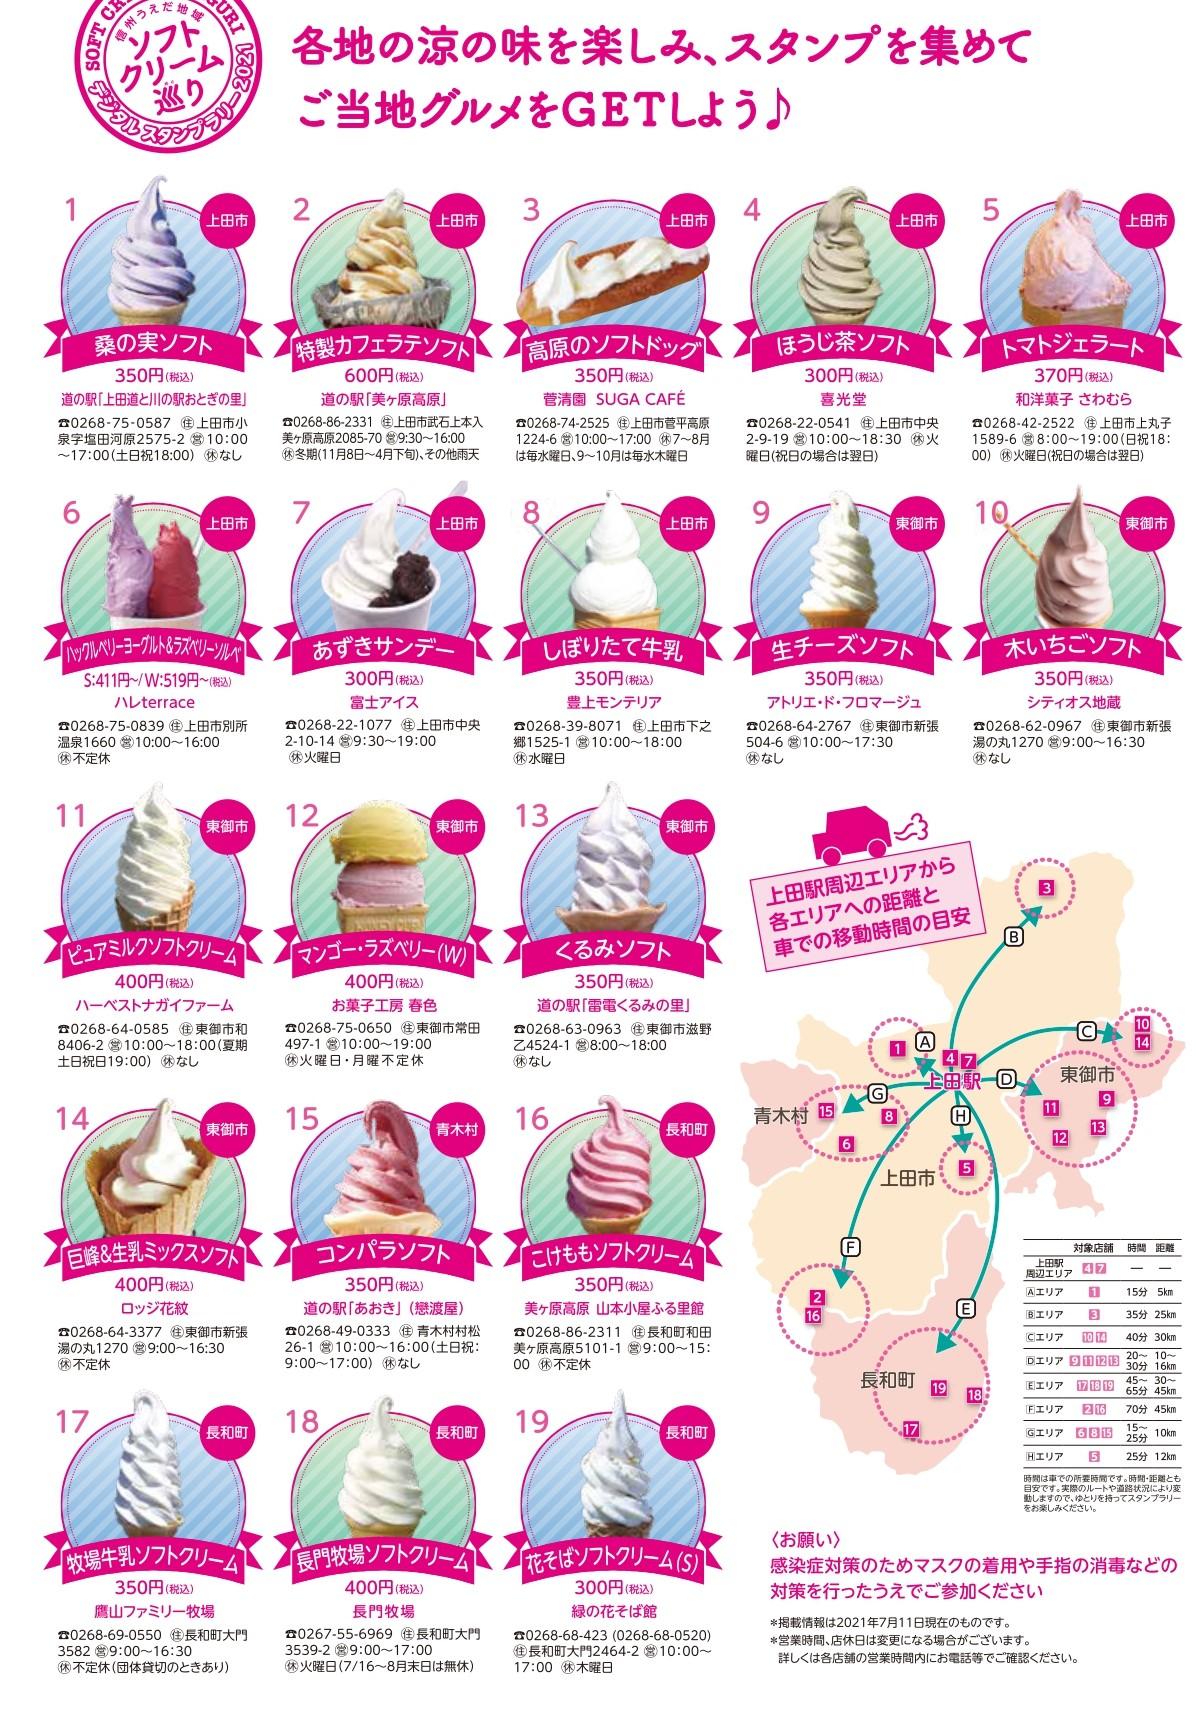 ソフトクリームラリー2